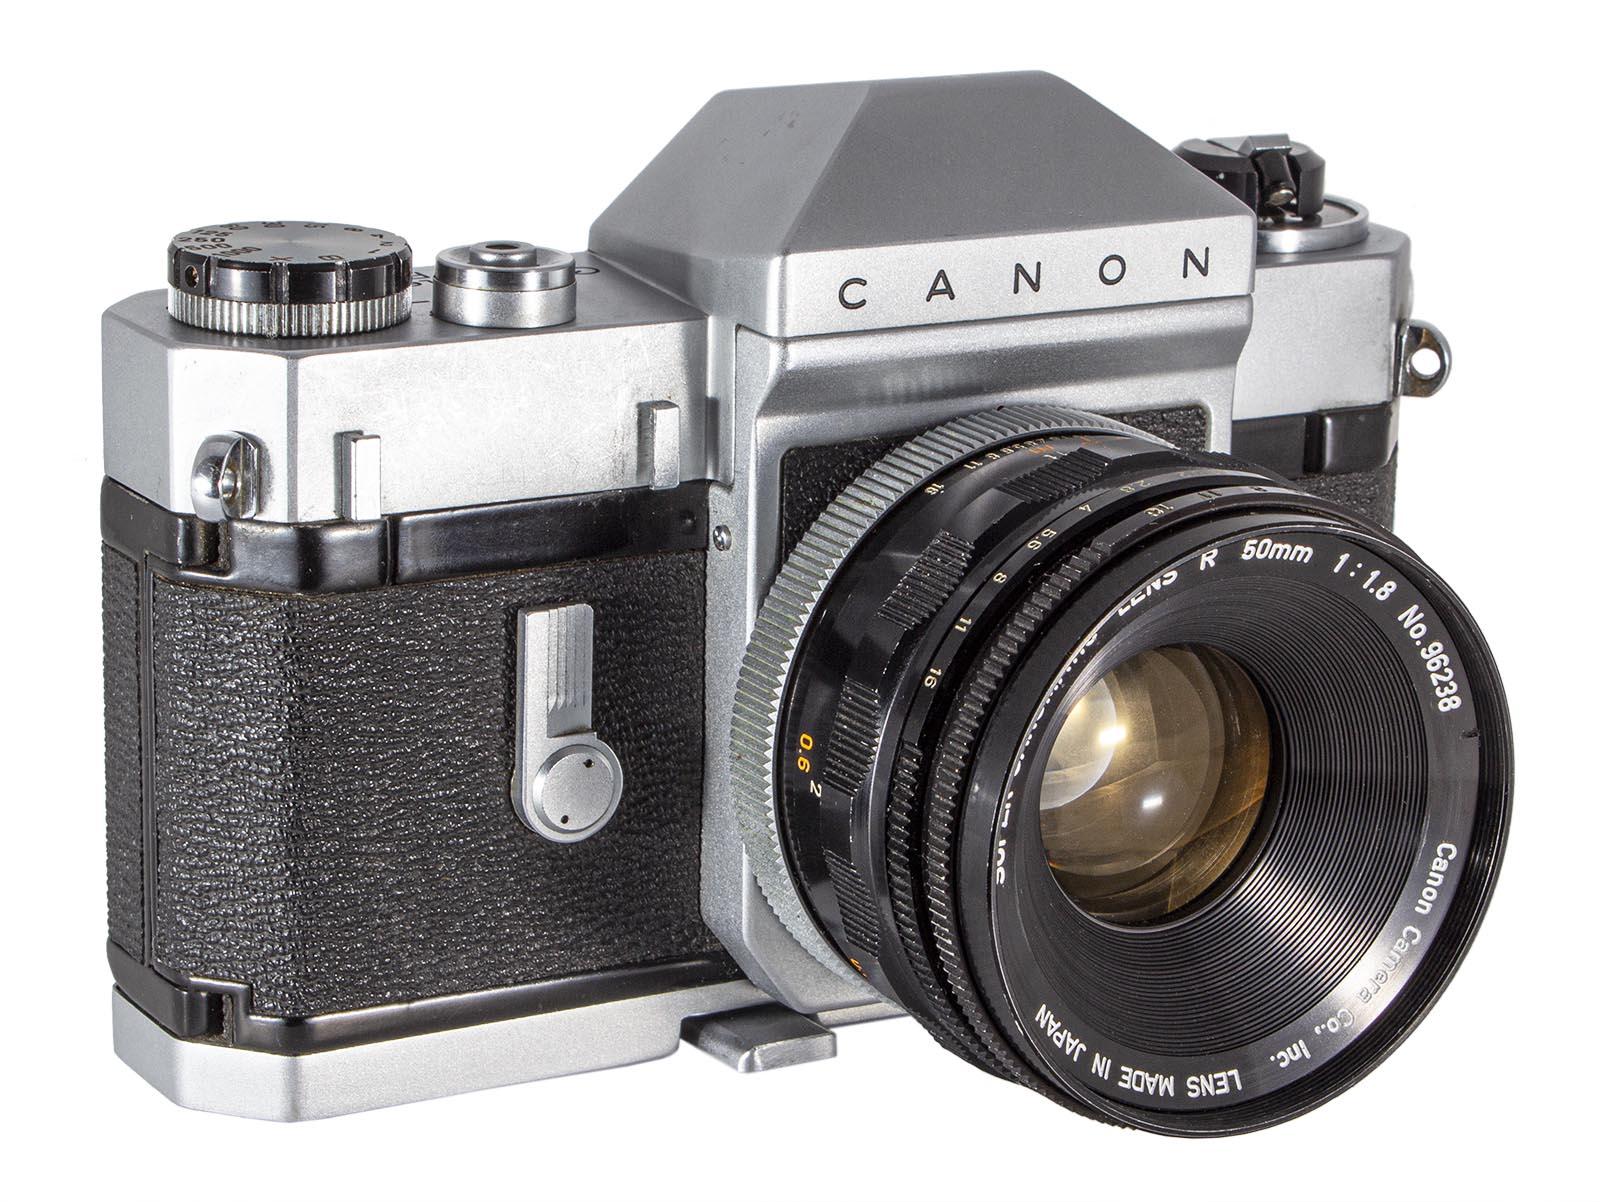 Canonflex RP